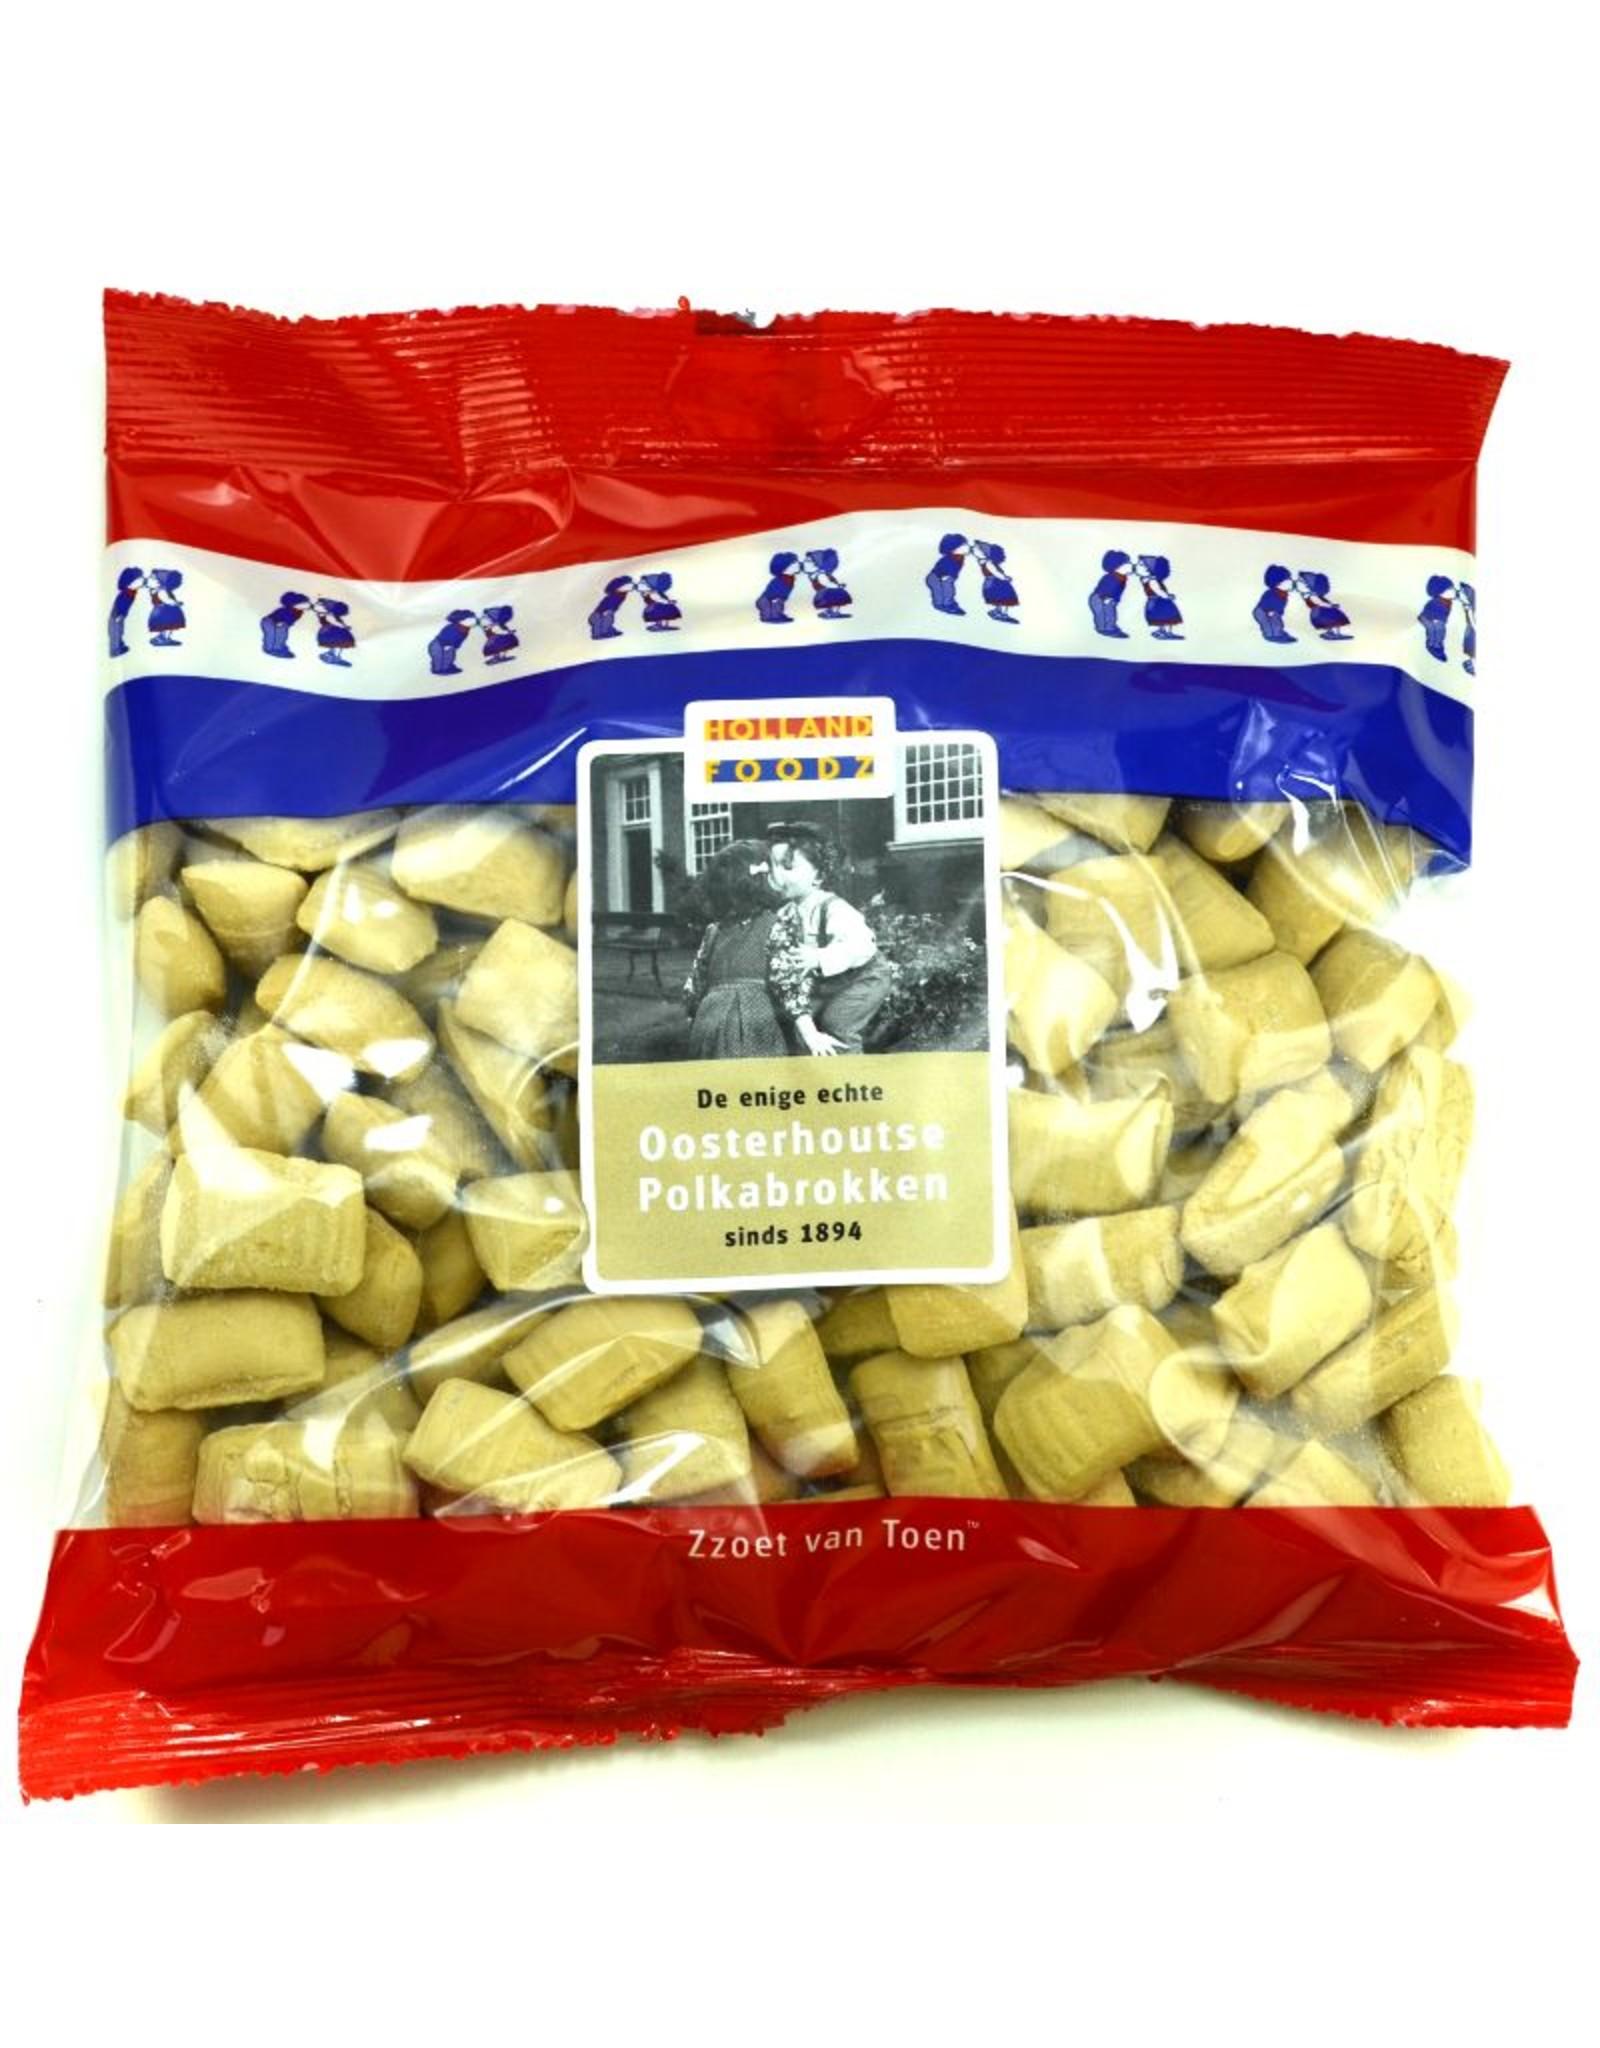 Polkabrokken Oosterhoutse, 1 kilo